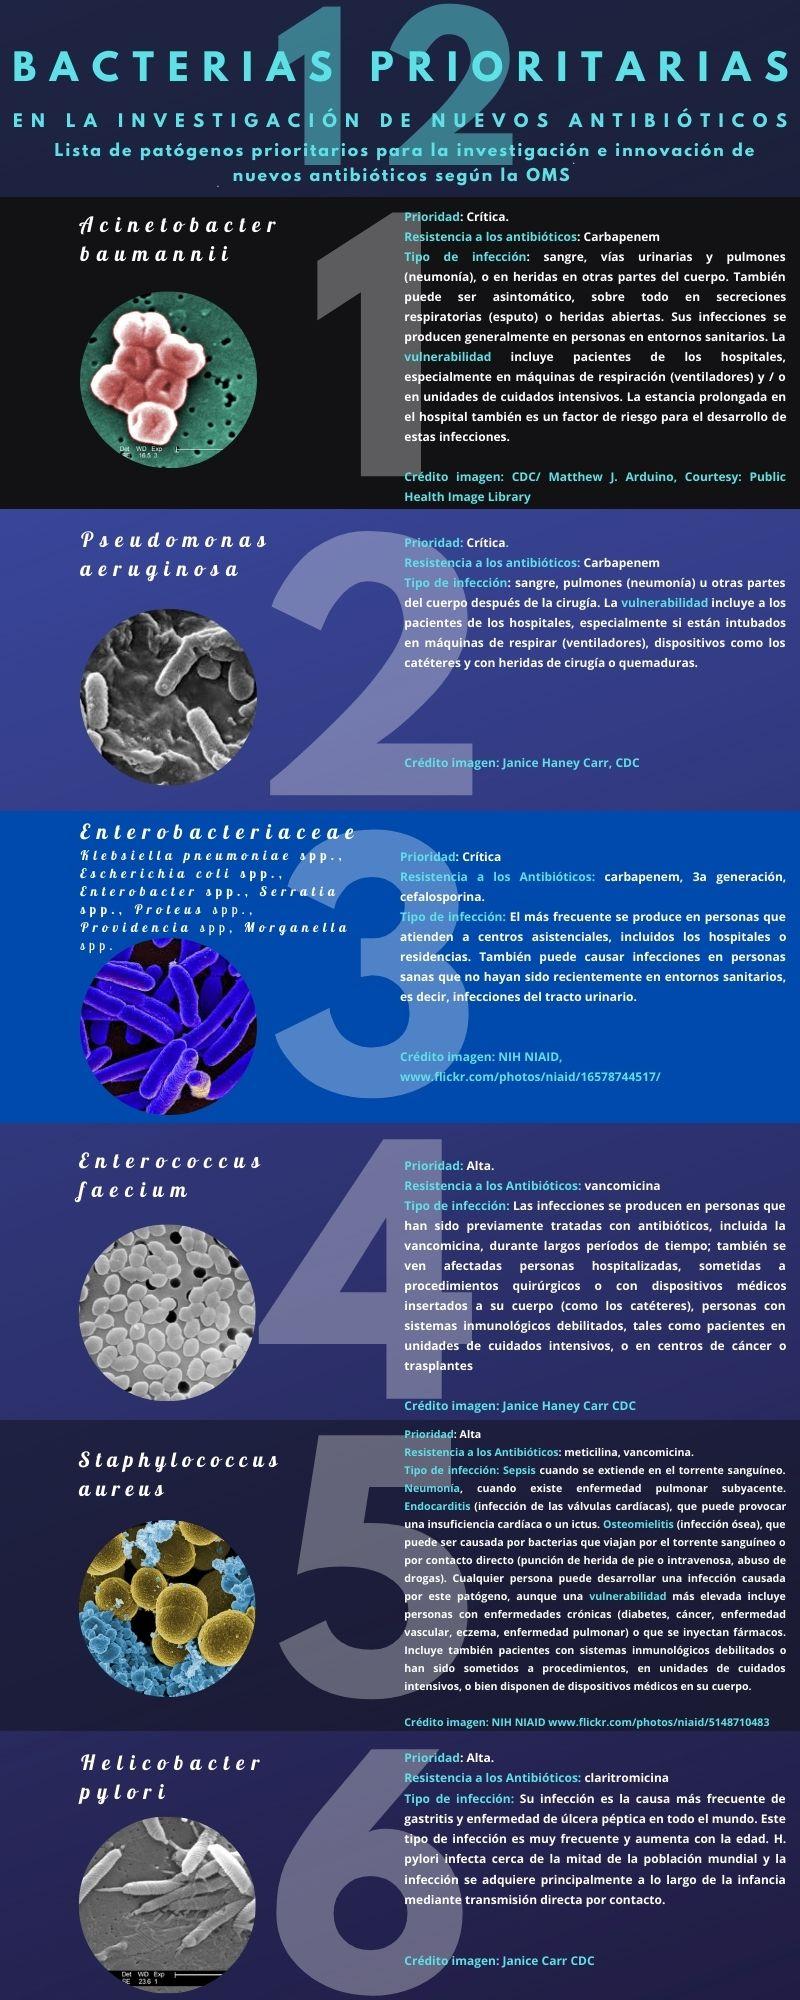 10 superbacterias relevantes para la investigación de nuevos antibióticos